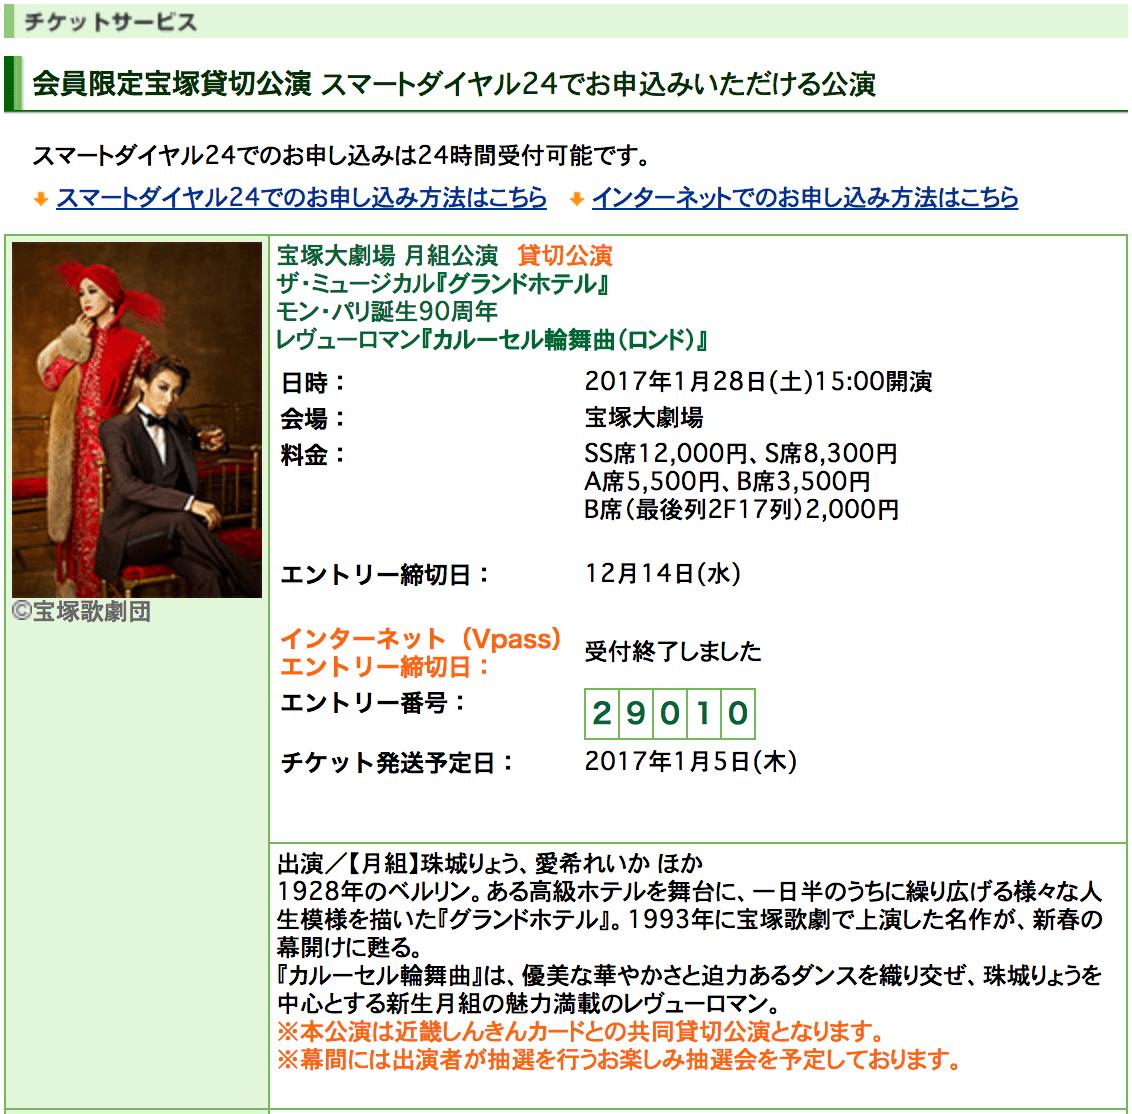 三井住友カード 宝塚